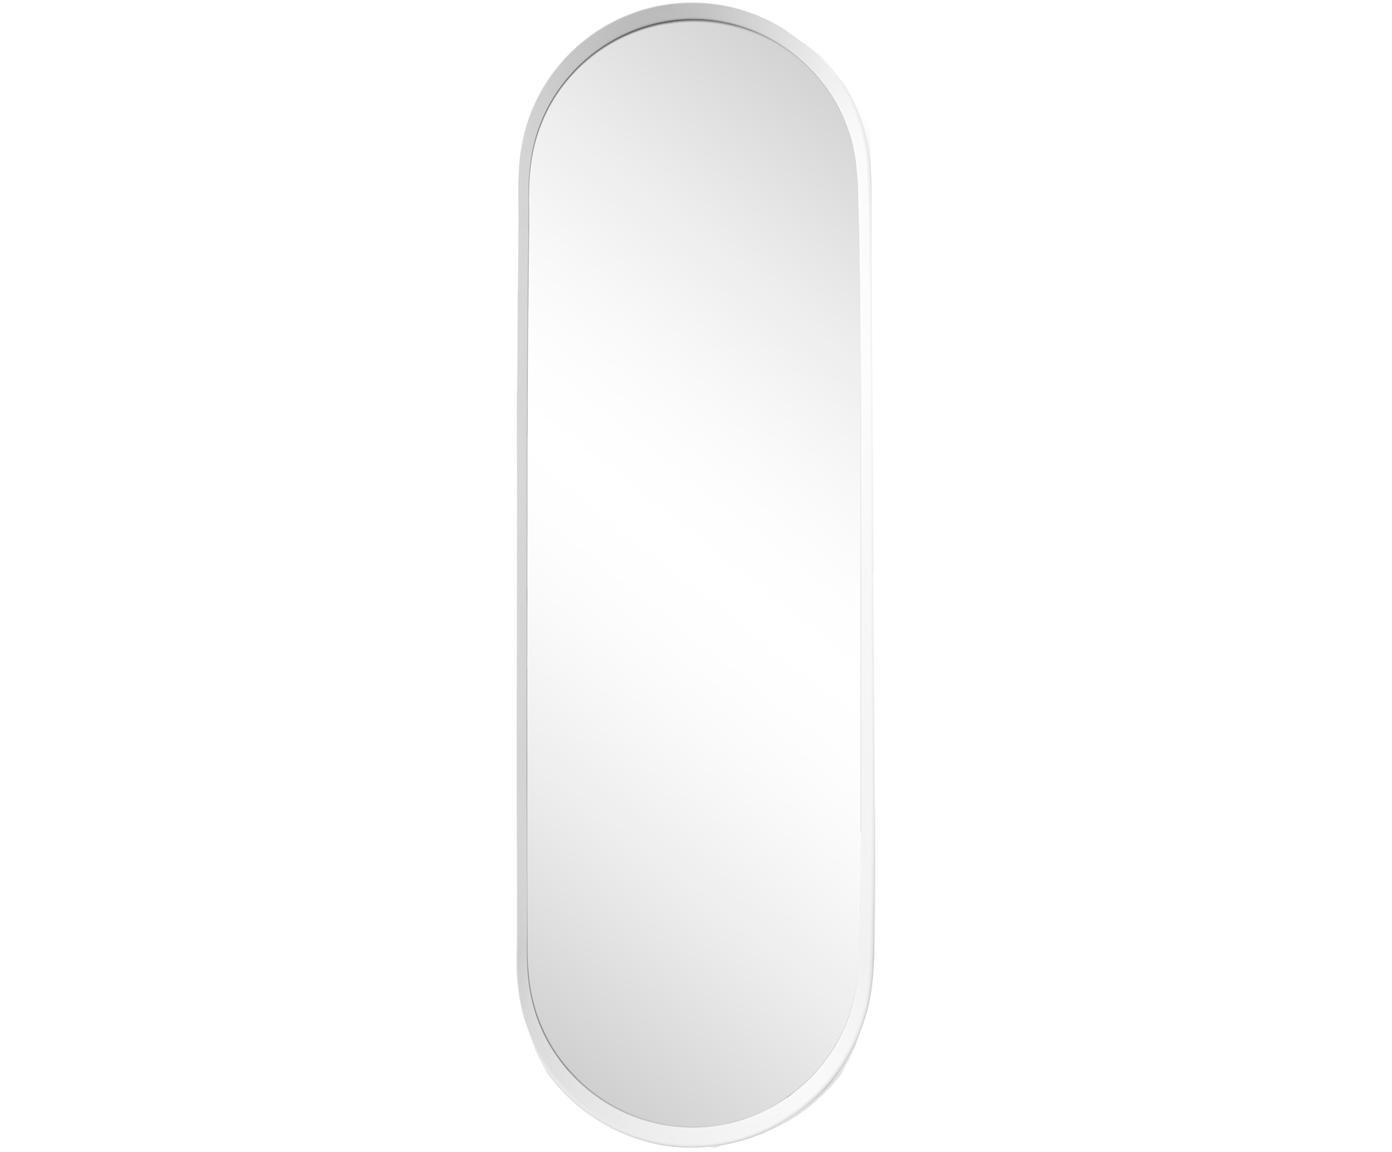 Espejo de pared ovalado Norm, con marco de aluminio, Espejo: cristal, Blanco, An 40 x Al 130 cm